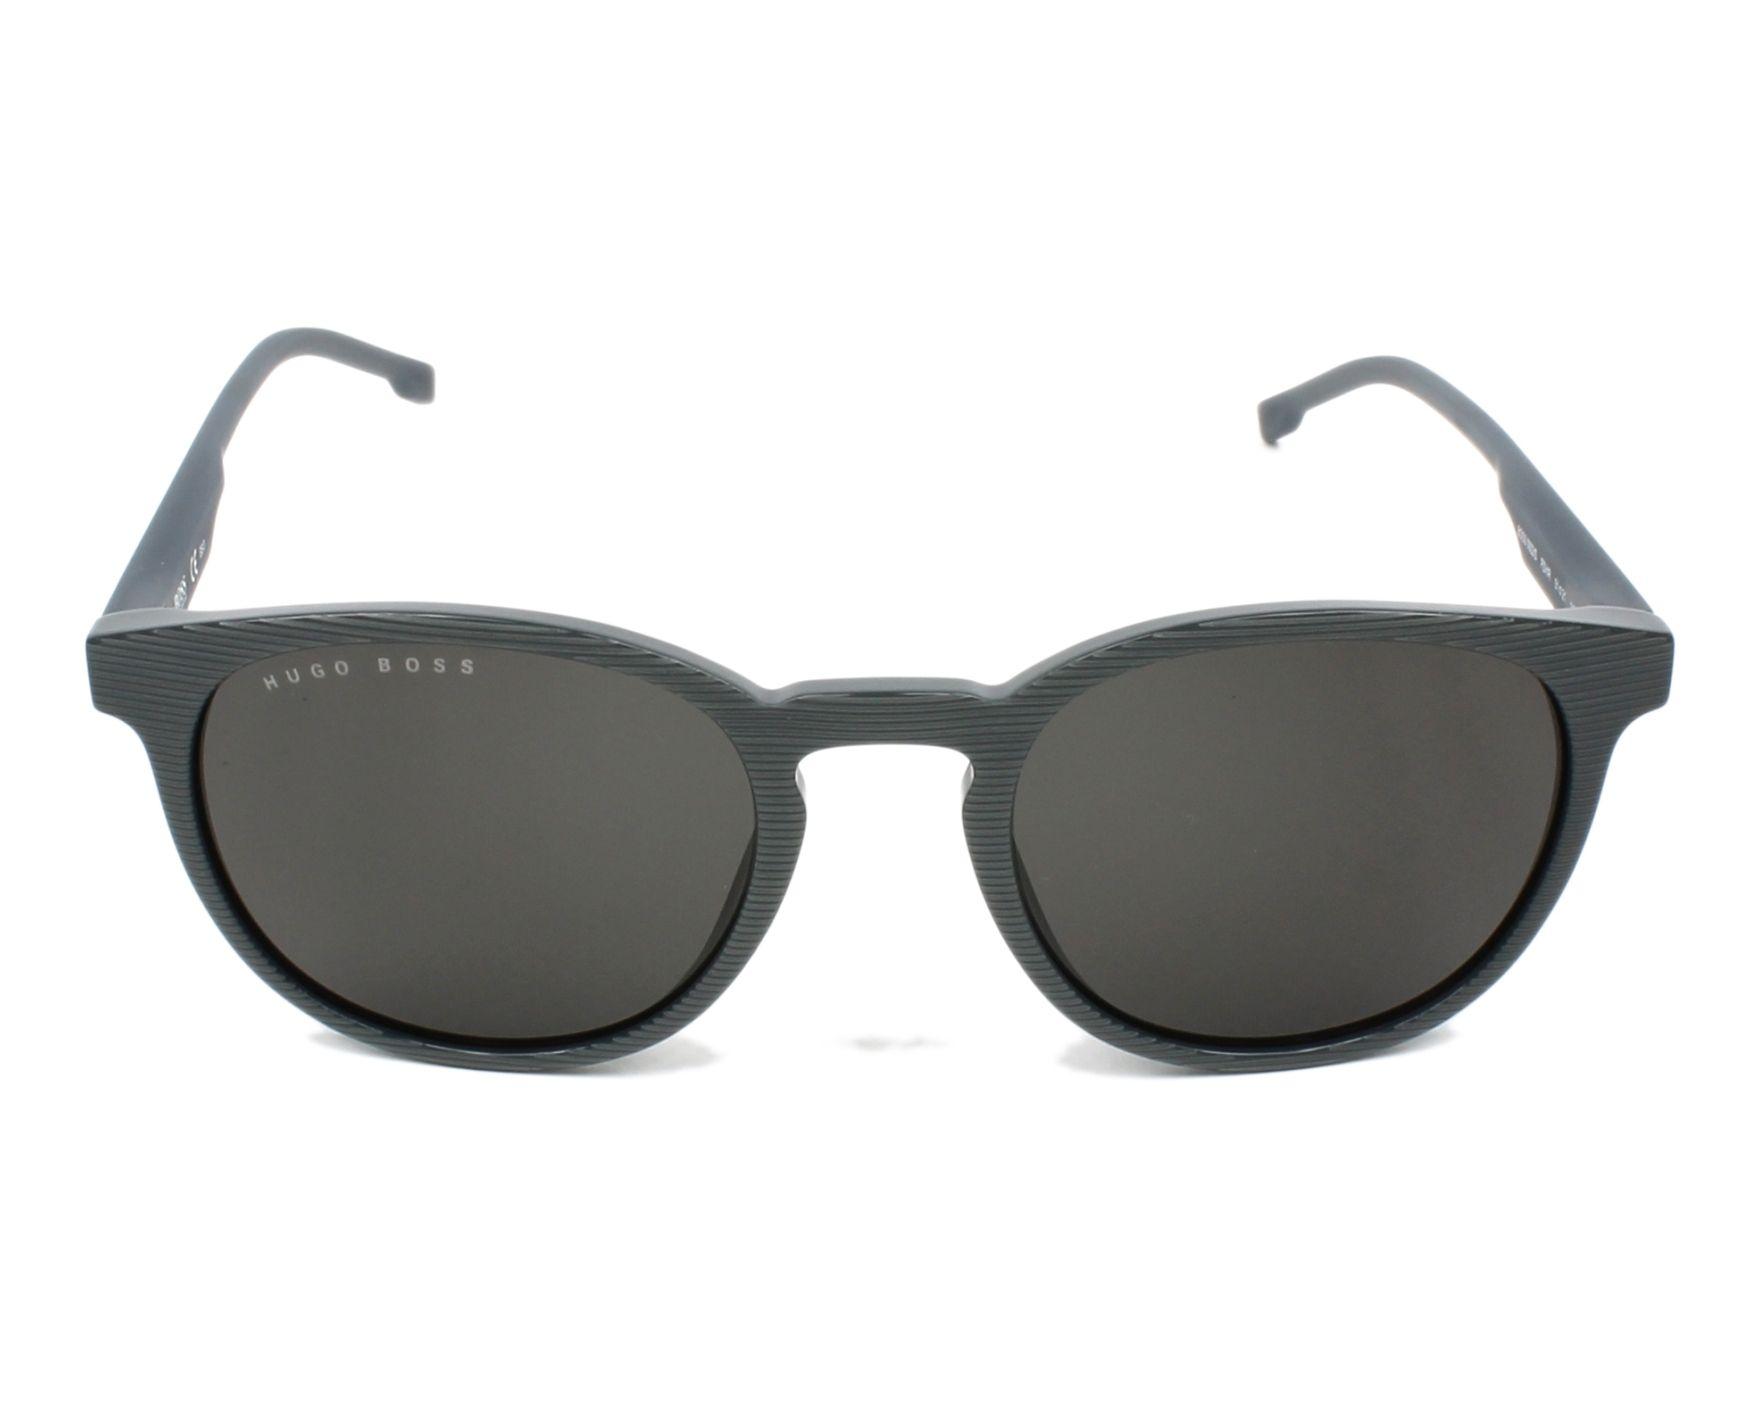 Lunettes de soleil hugo boss boss 0922 s pzh ir gris avec des verres gris - Verre lunette raye assurance ...